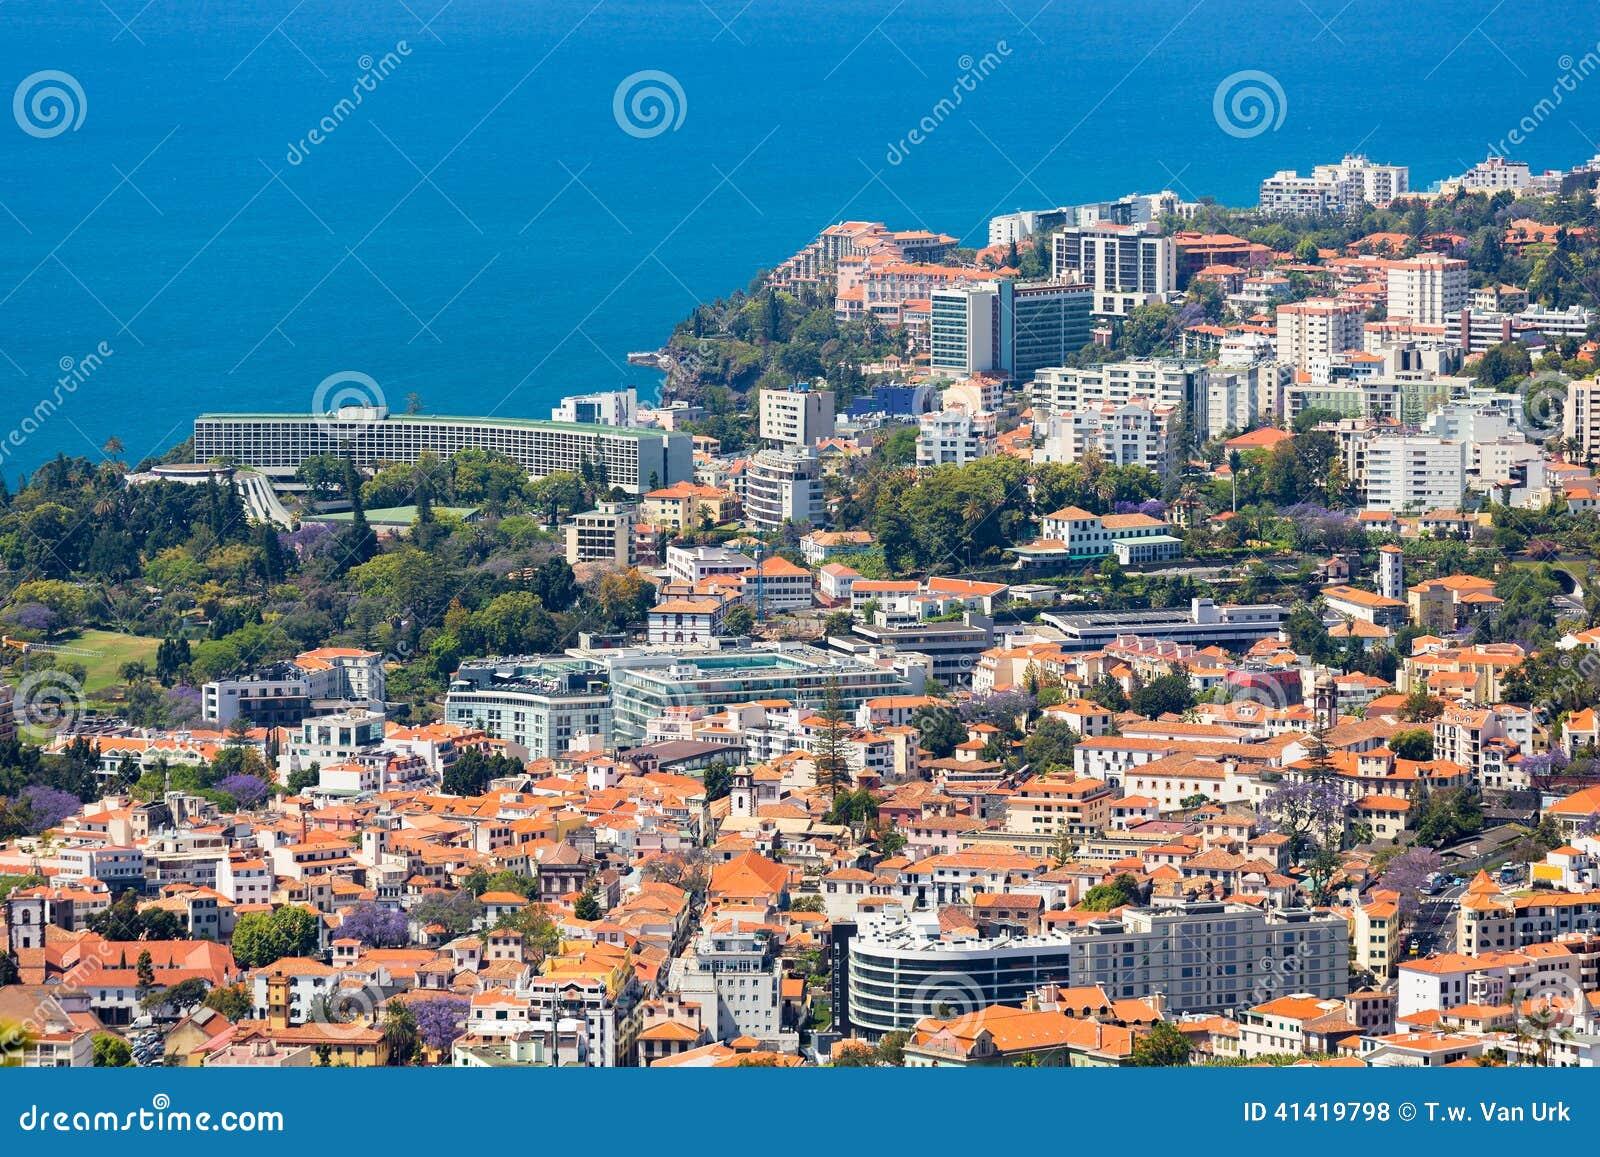 Luchtmening van de westelijke kant van Funchal met vele hotels; Het Eiland van madera